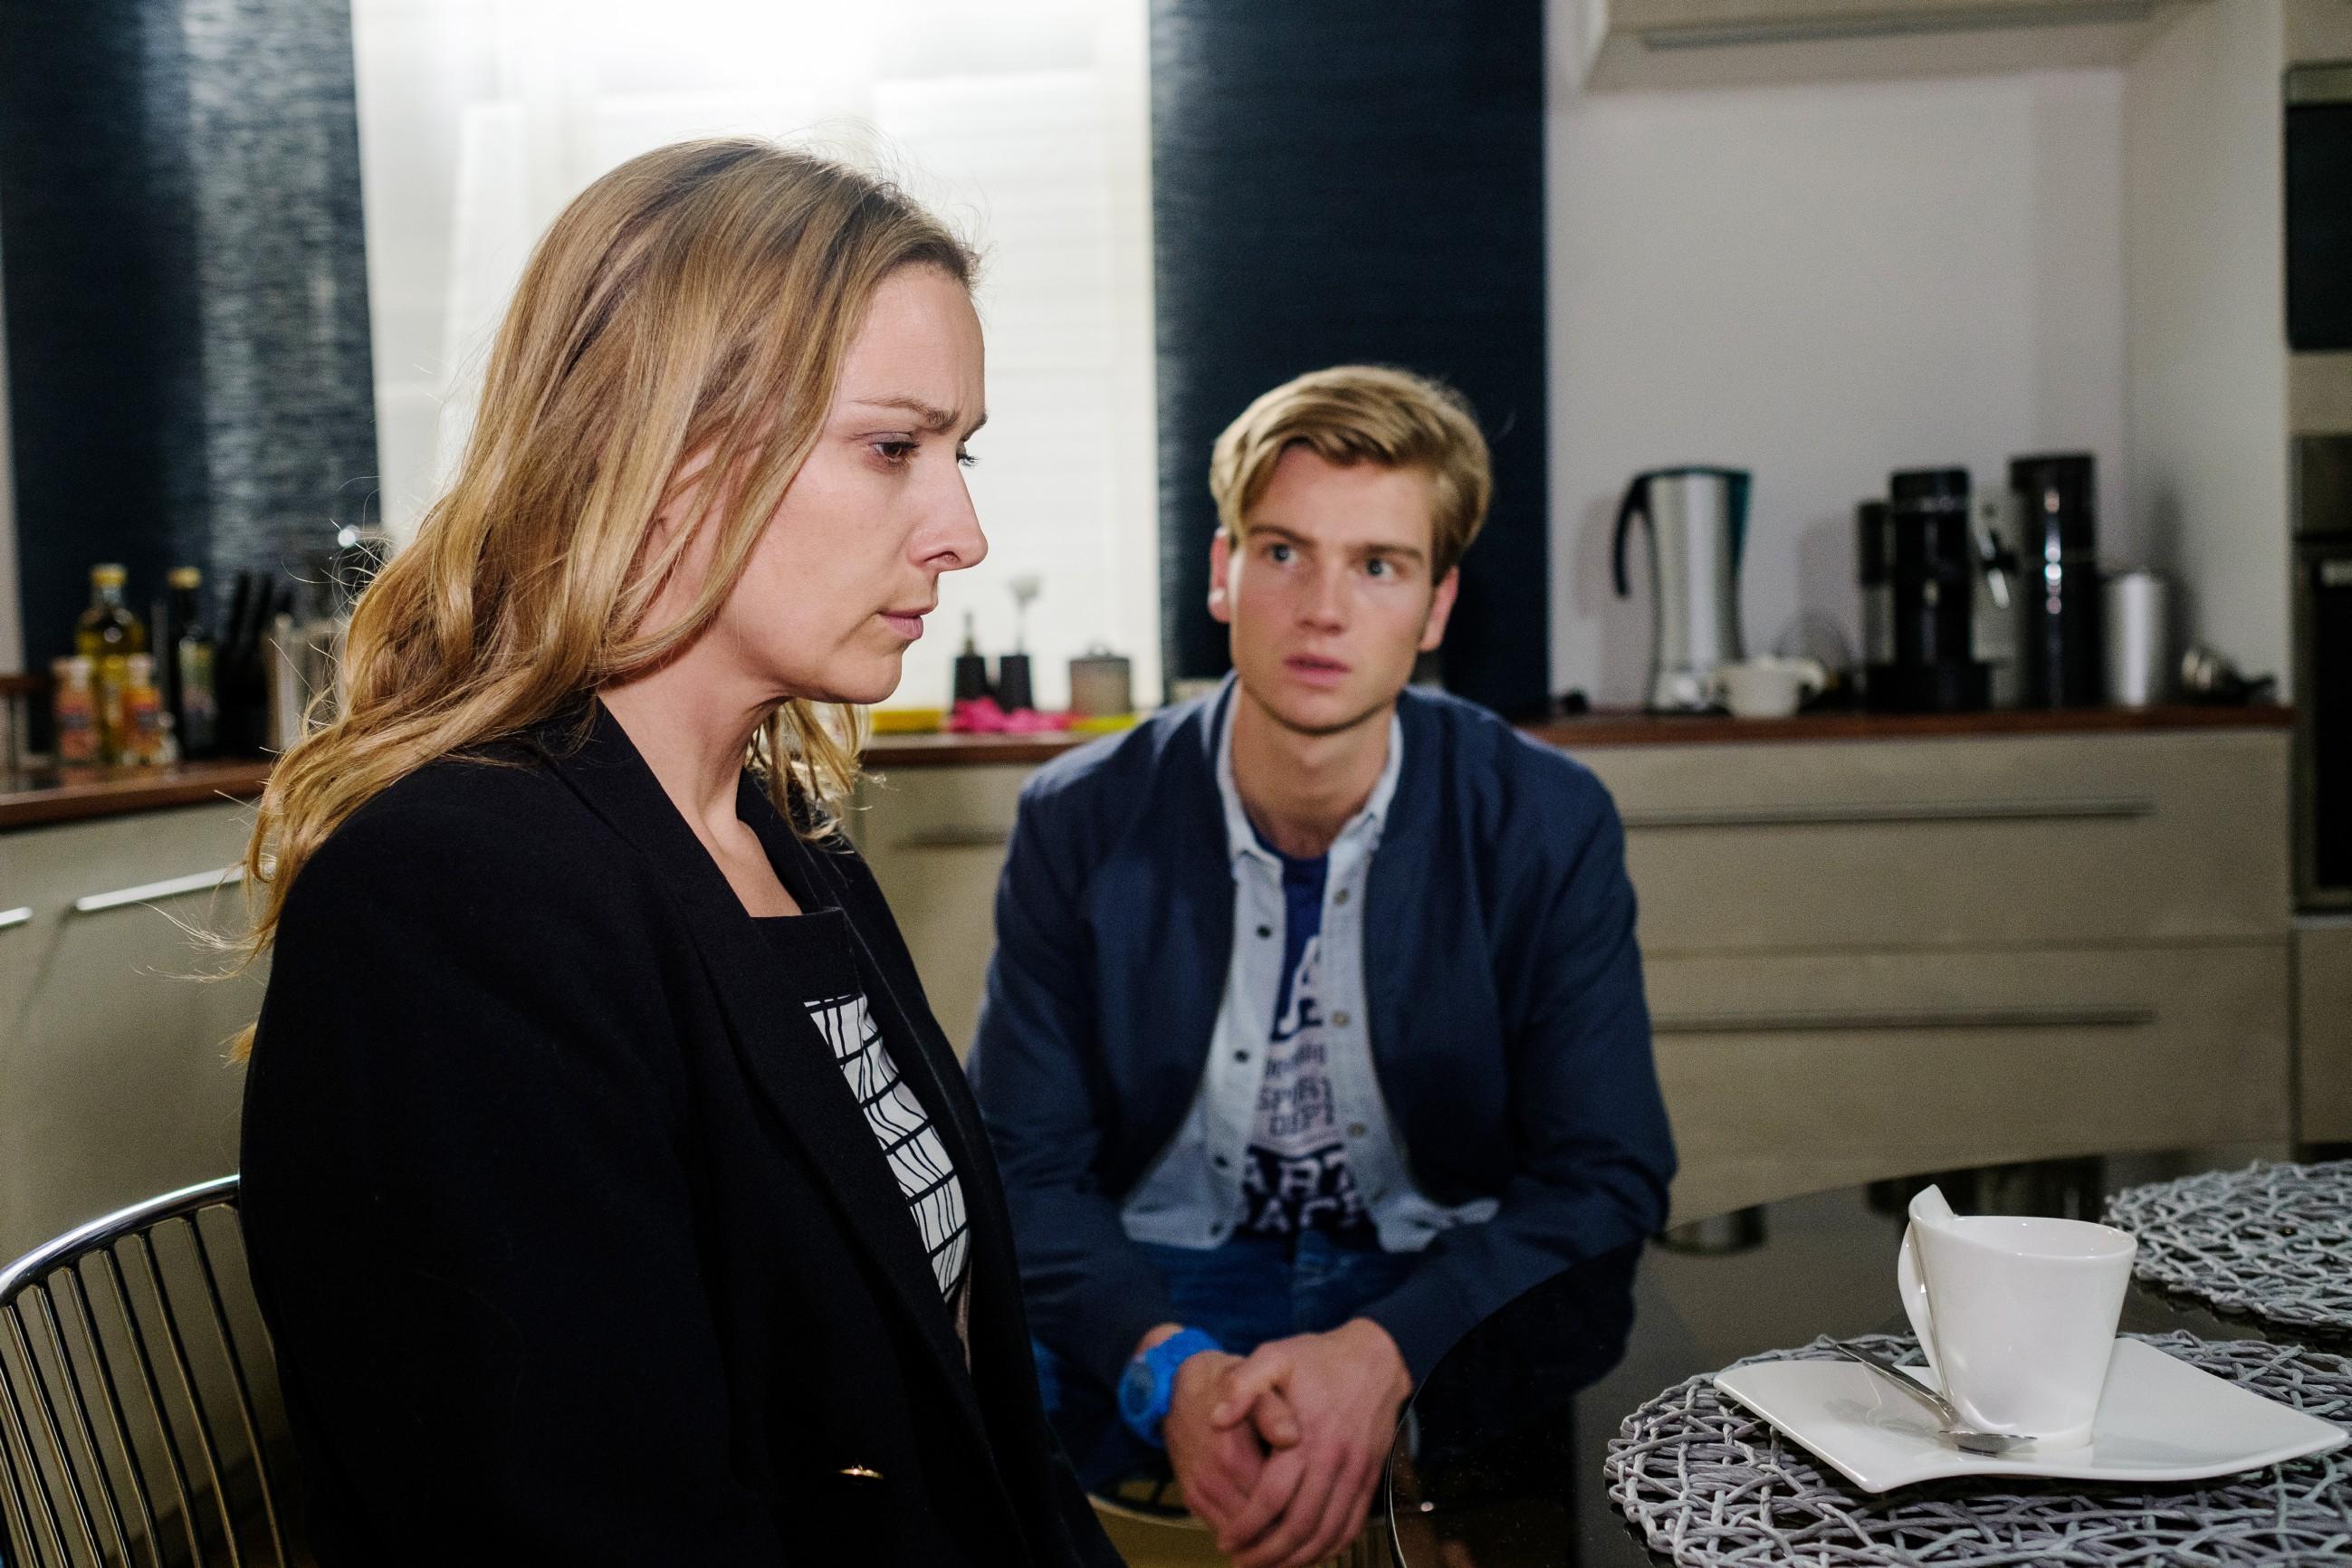 Während das Erlebnis Andrea (Astrid Leberti) und Valentin (Aaron Koszuta) schwer mitnimmt, nutzt Benedikt kaltschnäuzig die Gunst der Stunde... (Quelle: RTL / Stefan Behrens)